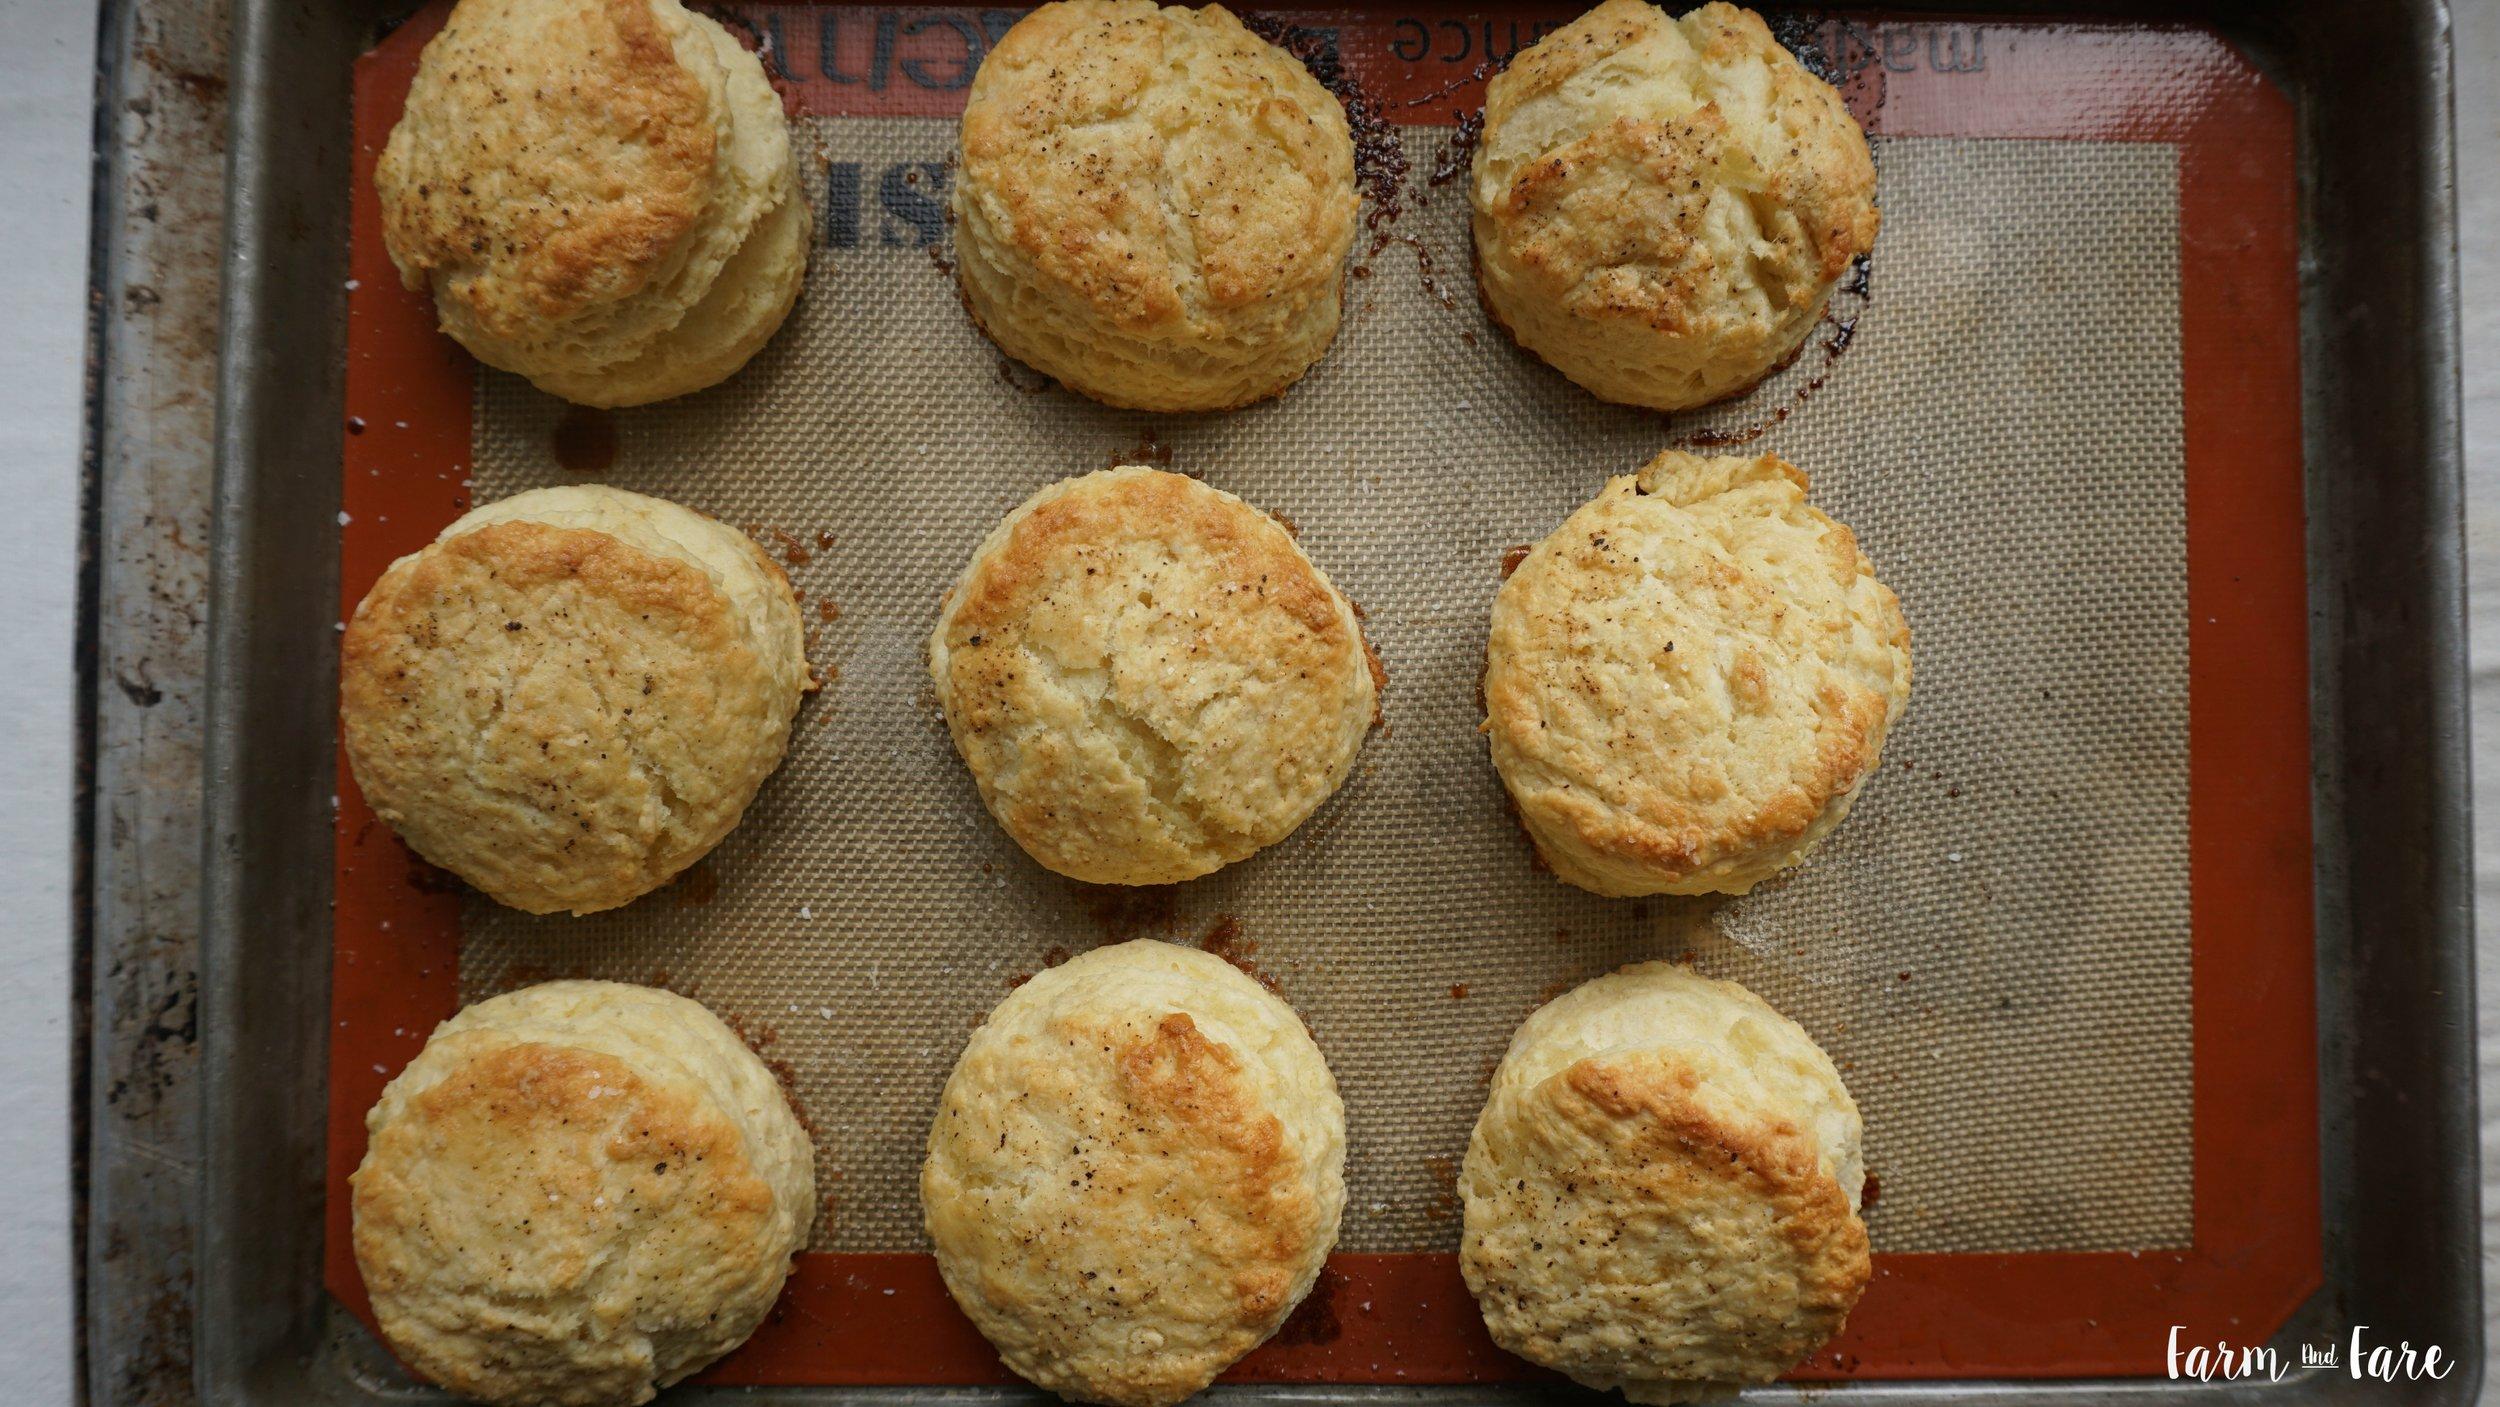 biscuit17.jpg